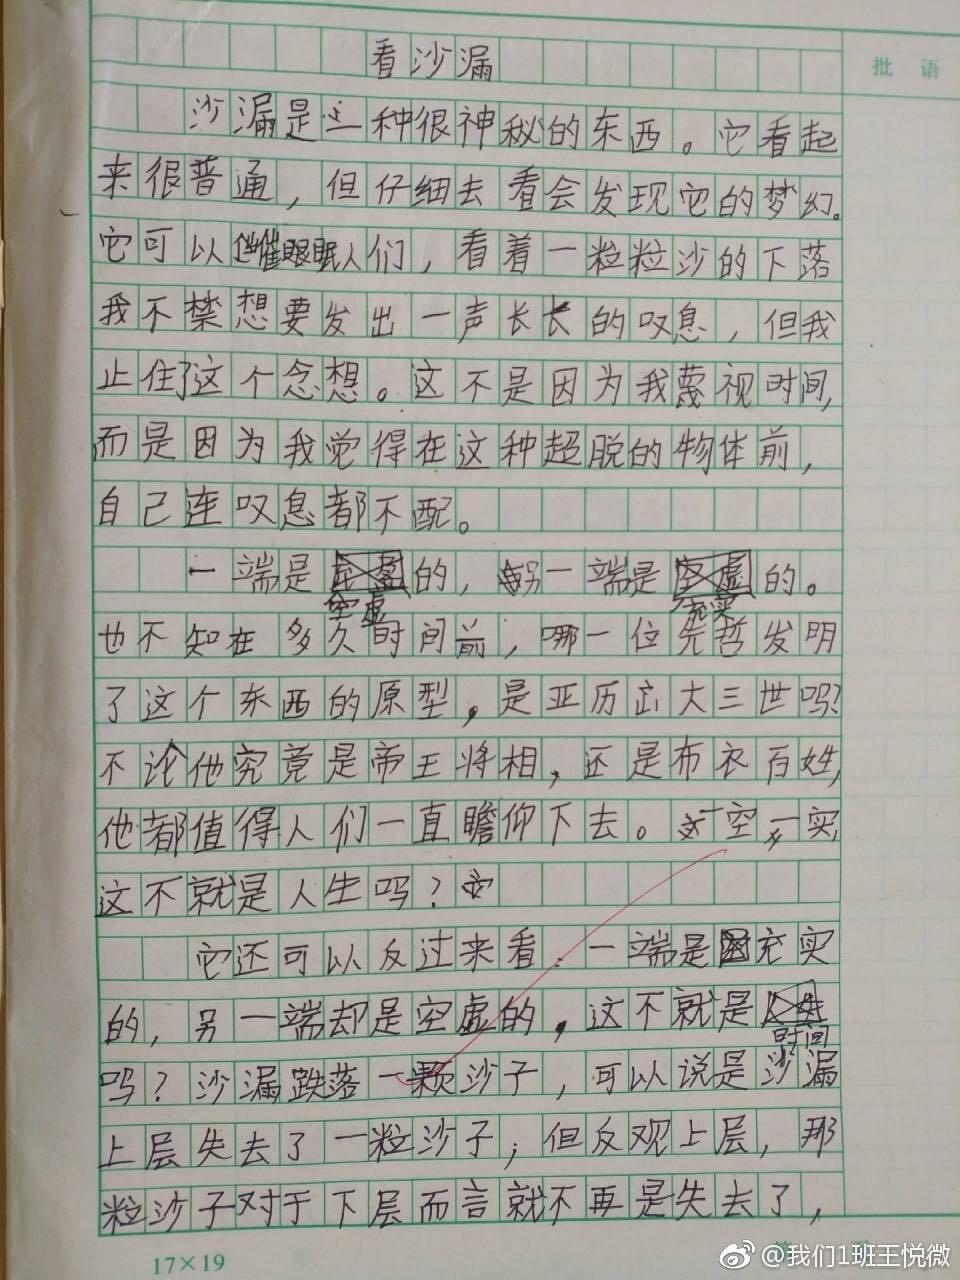 这个小学生的作文红了!网友:抄写并背诵全文